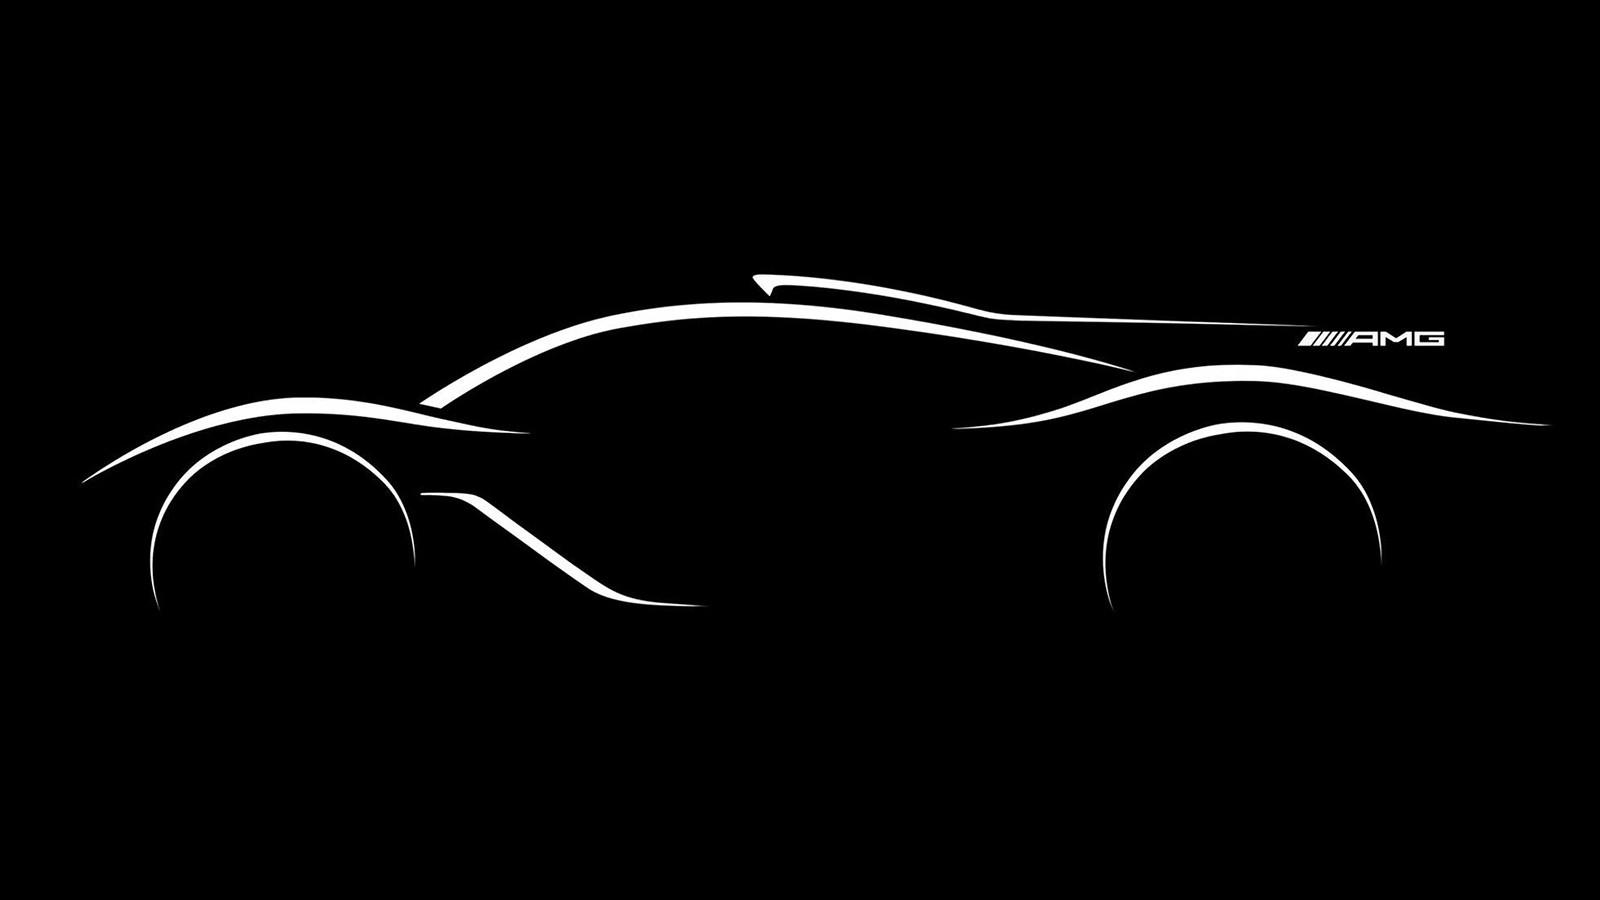 Mercedes выпустит мощнейший гибридный гиперкар сдвигателем F1